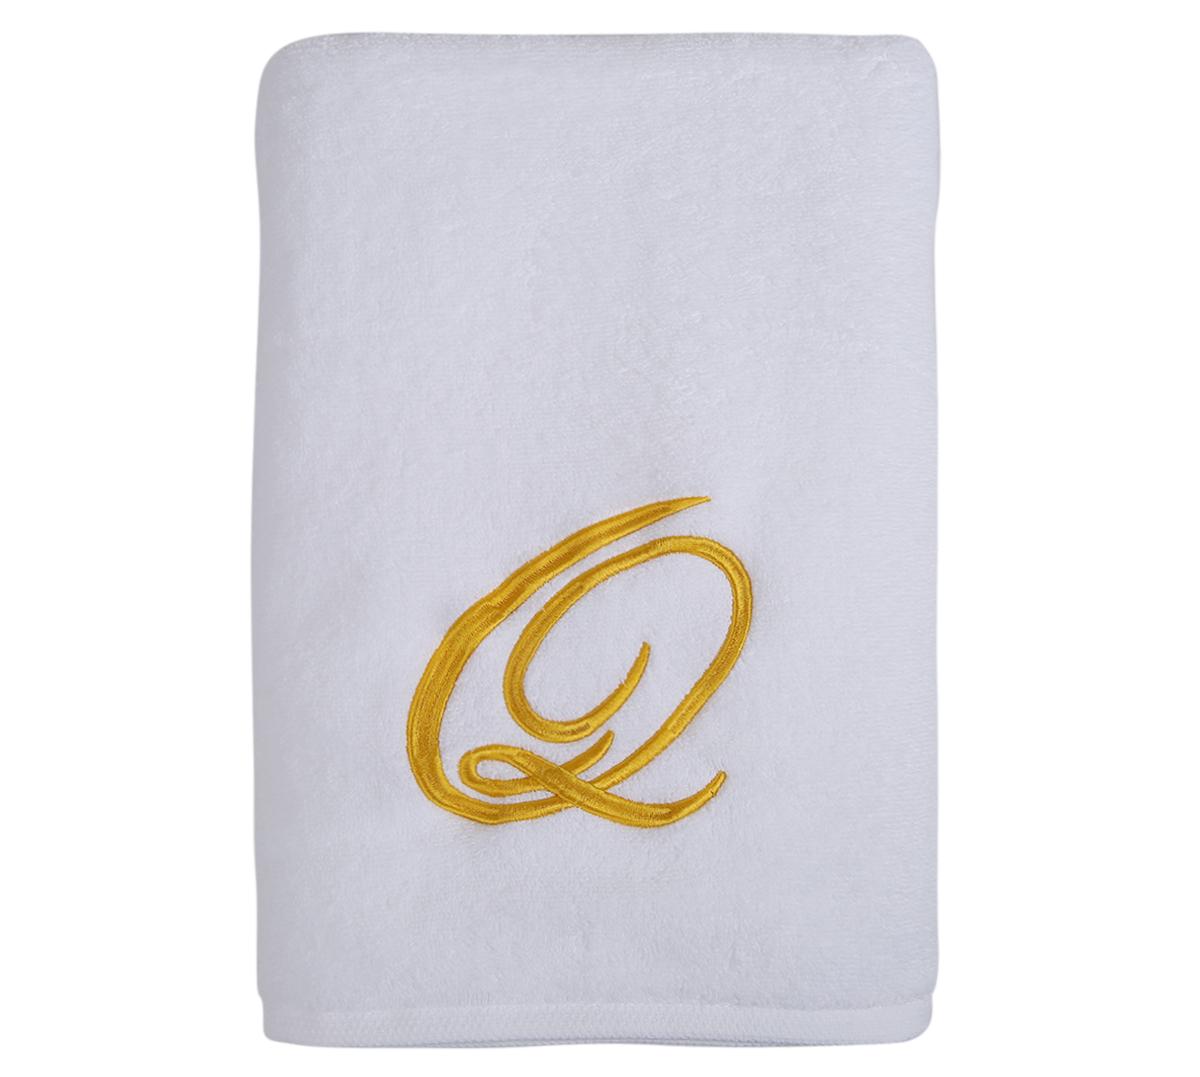 Alphabet Bath Towel 70x140cm Letter Q